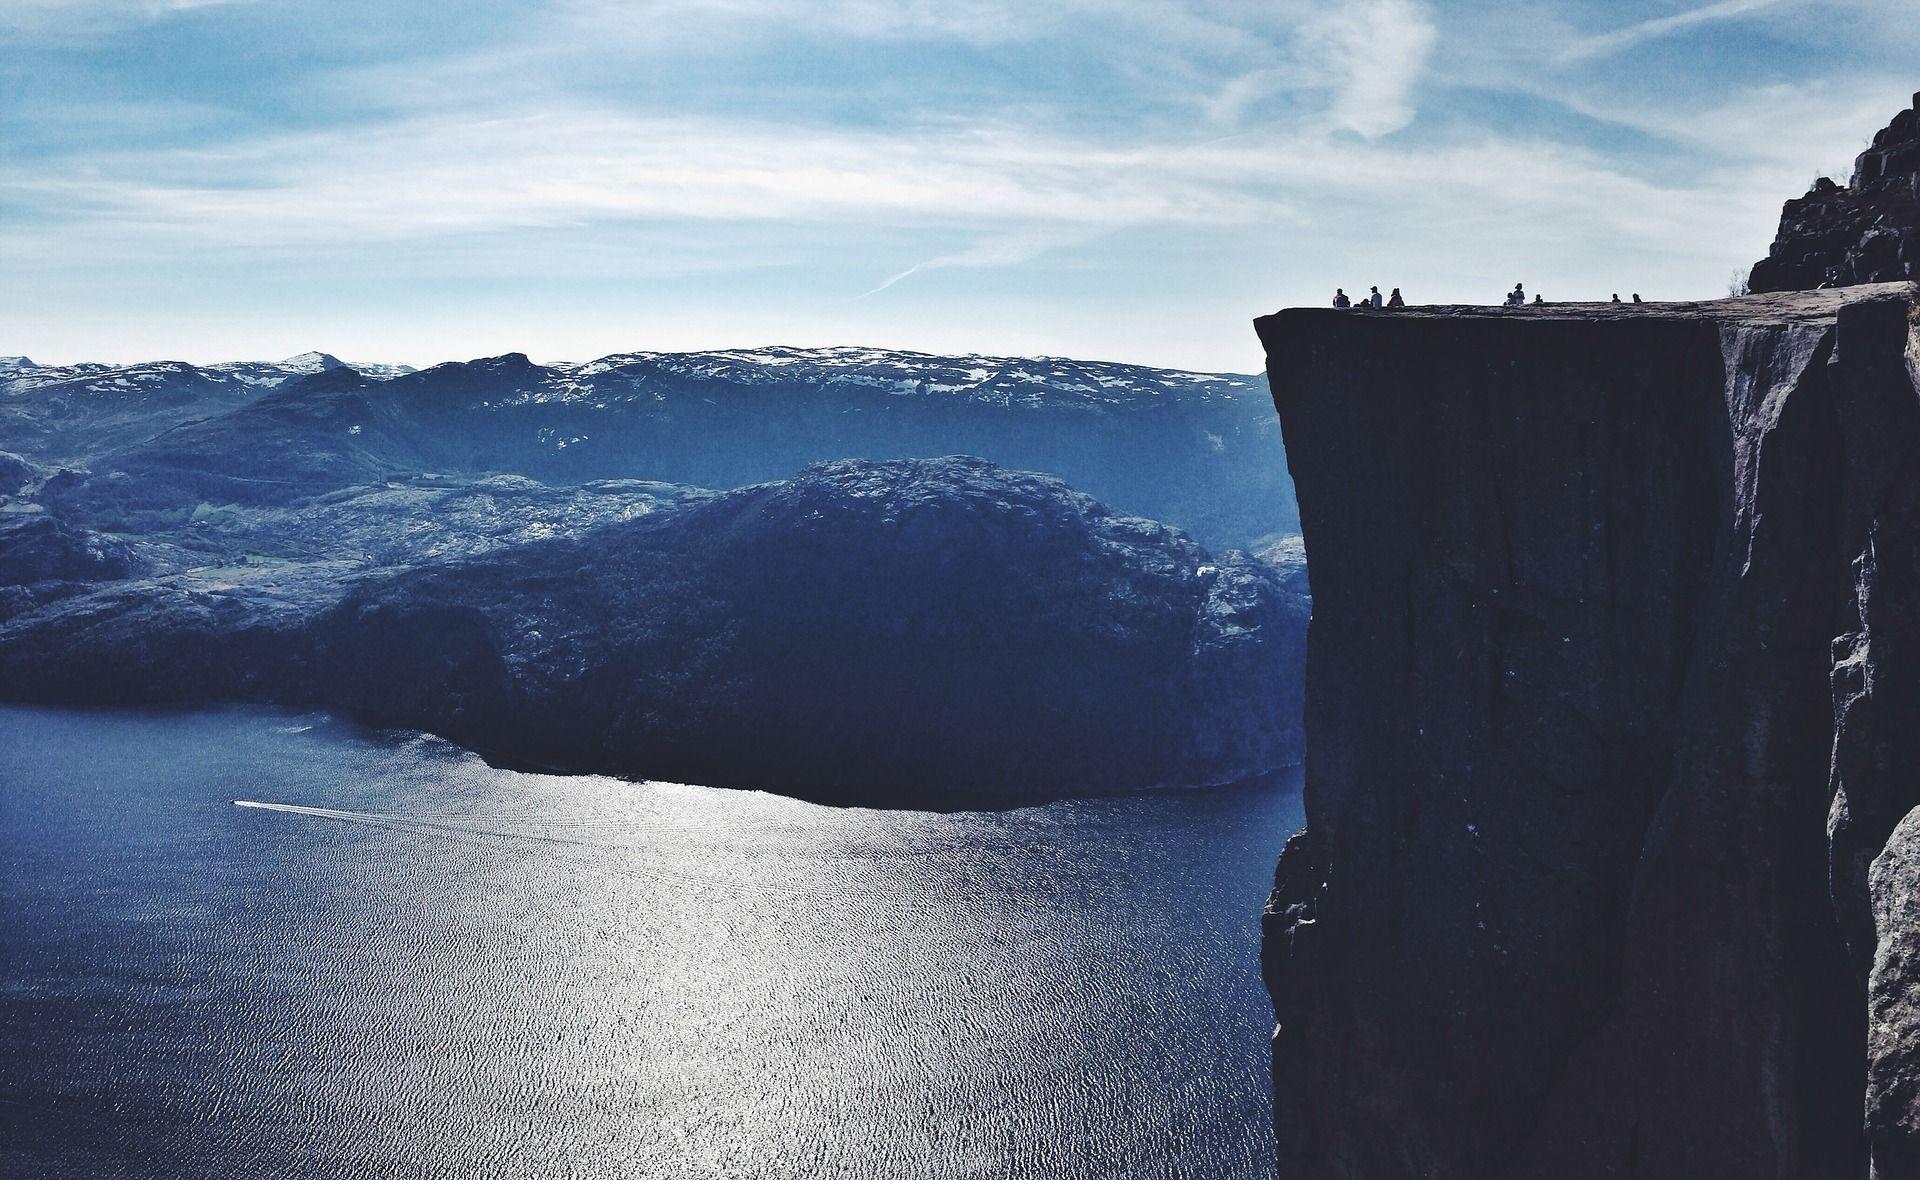 피요르드 절벽에서 본 암벽처럼 보이는 물